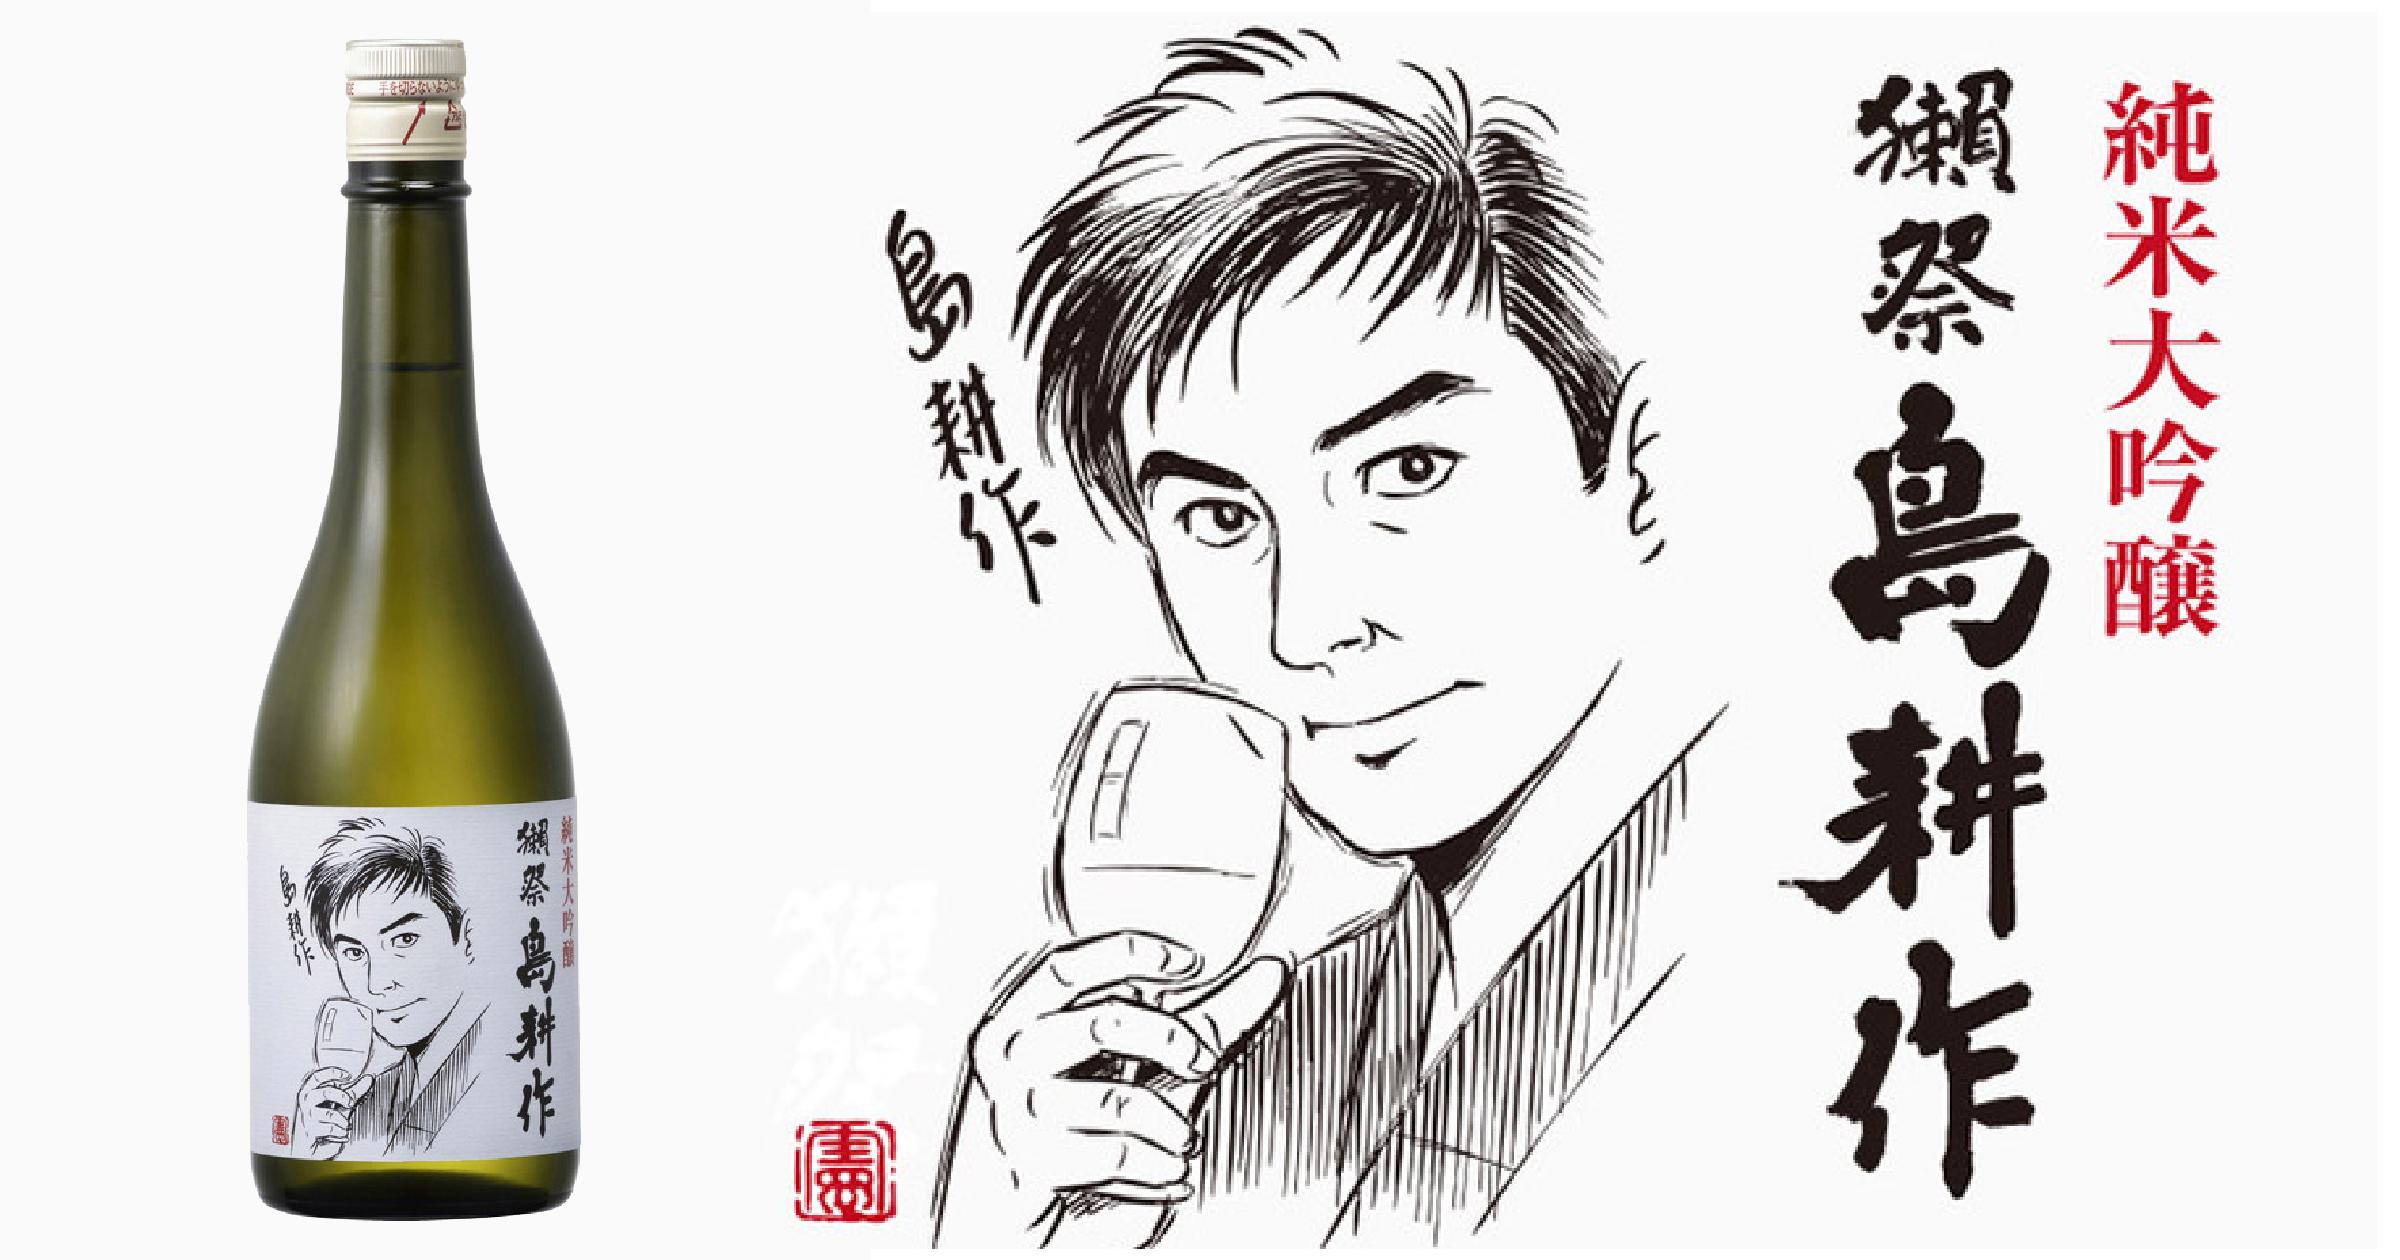 圖片來源自  獺祭旭酒造中文粉絲頁面